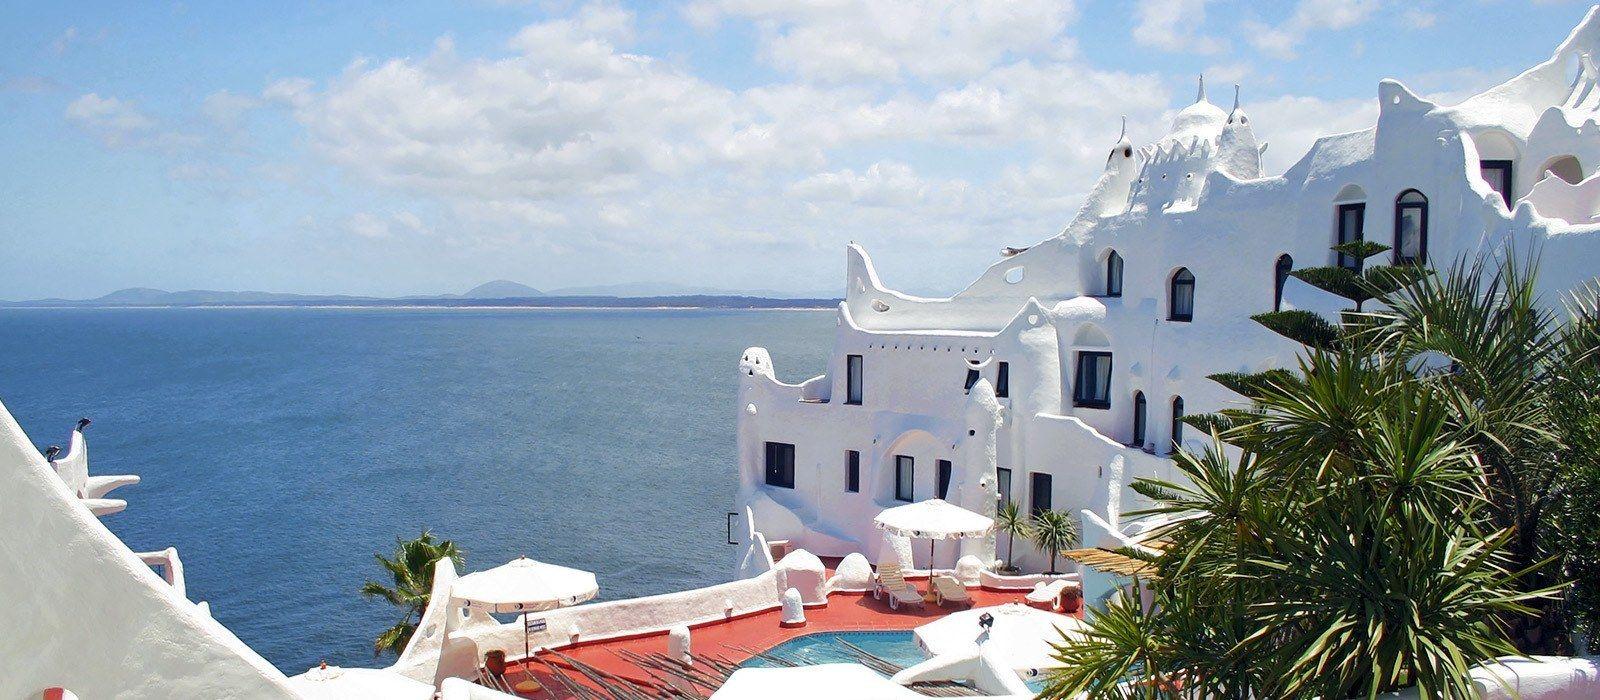 Destination Punta del Este Uruguay